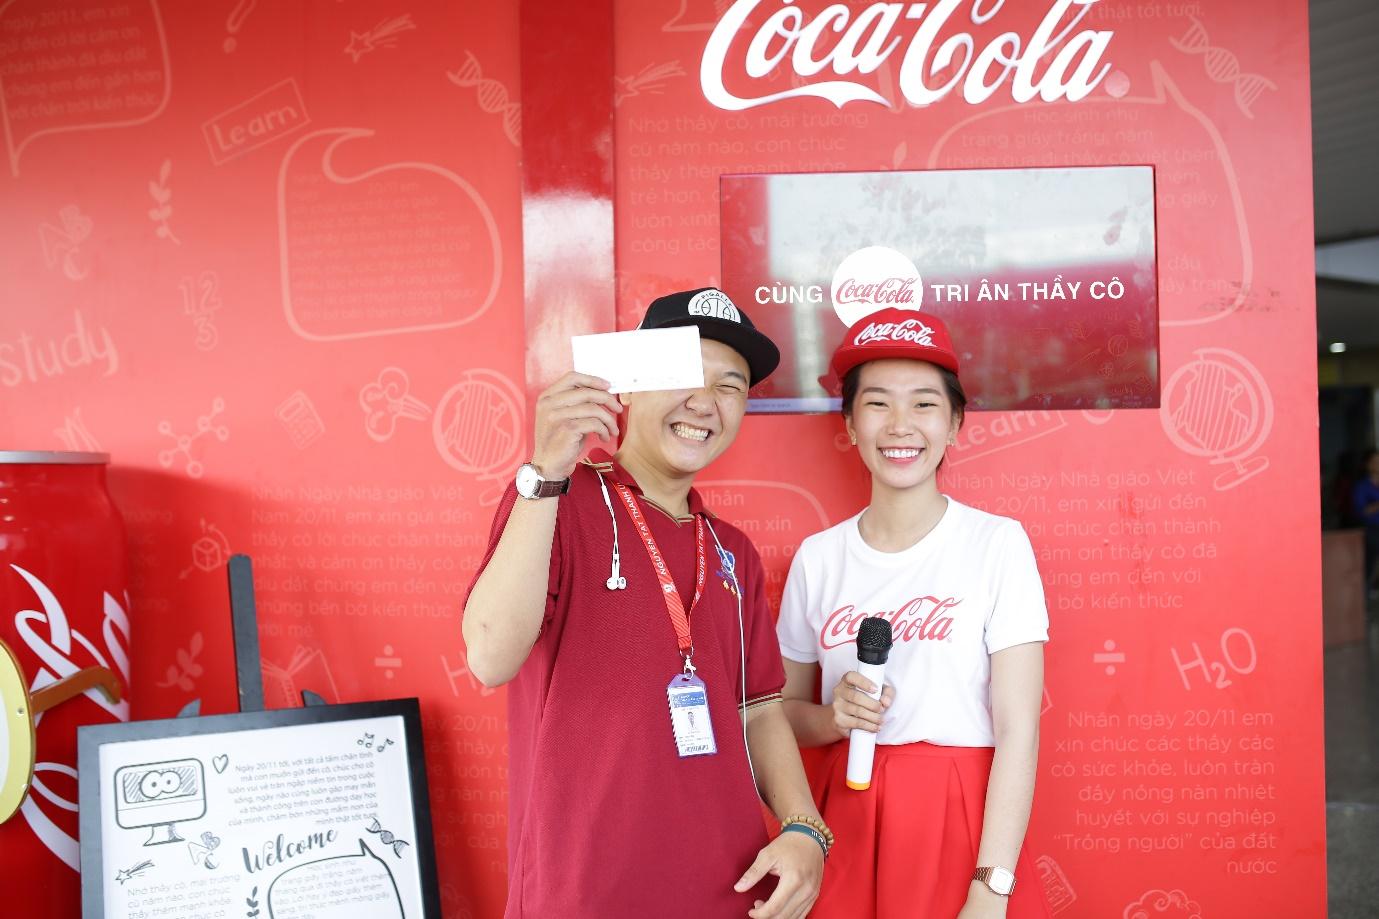 """Loạt ảnh rạng ngời của sinh viên trong sự kiện """"Cùng Coca-Cola tri ân thầy cô"""" - Ảnh 9."""